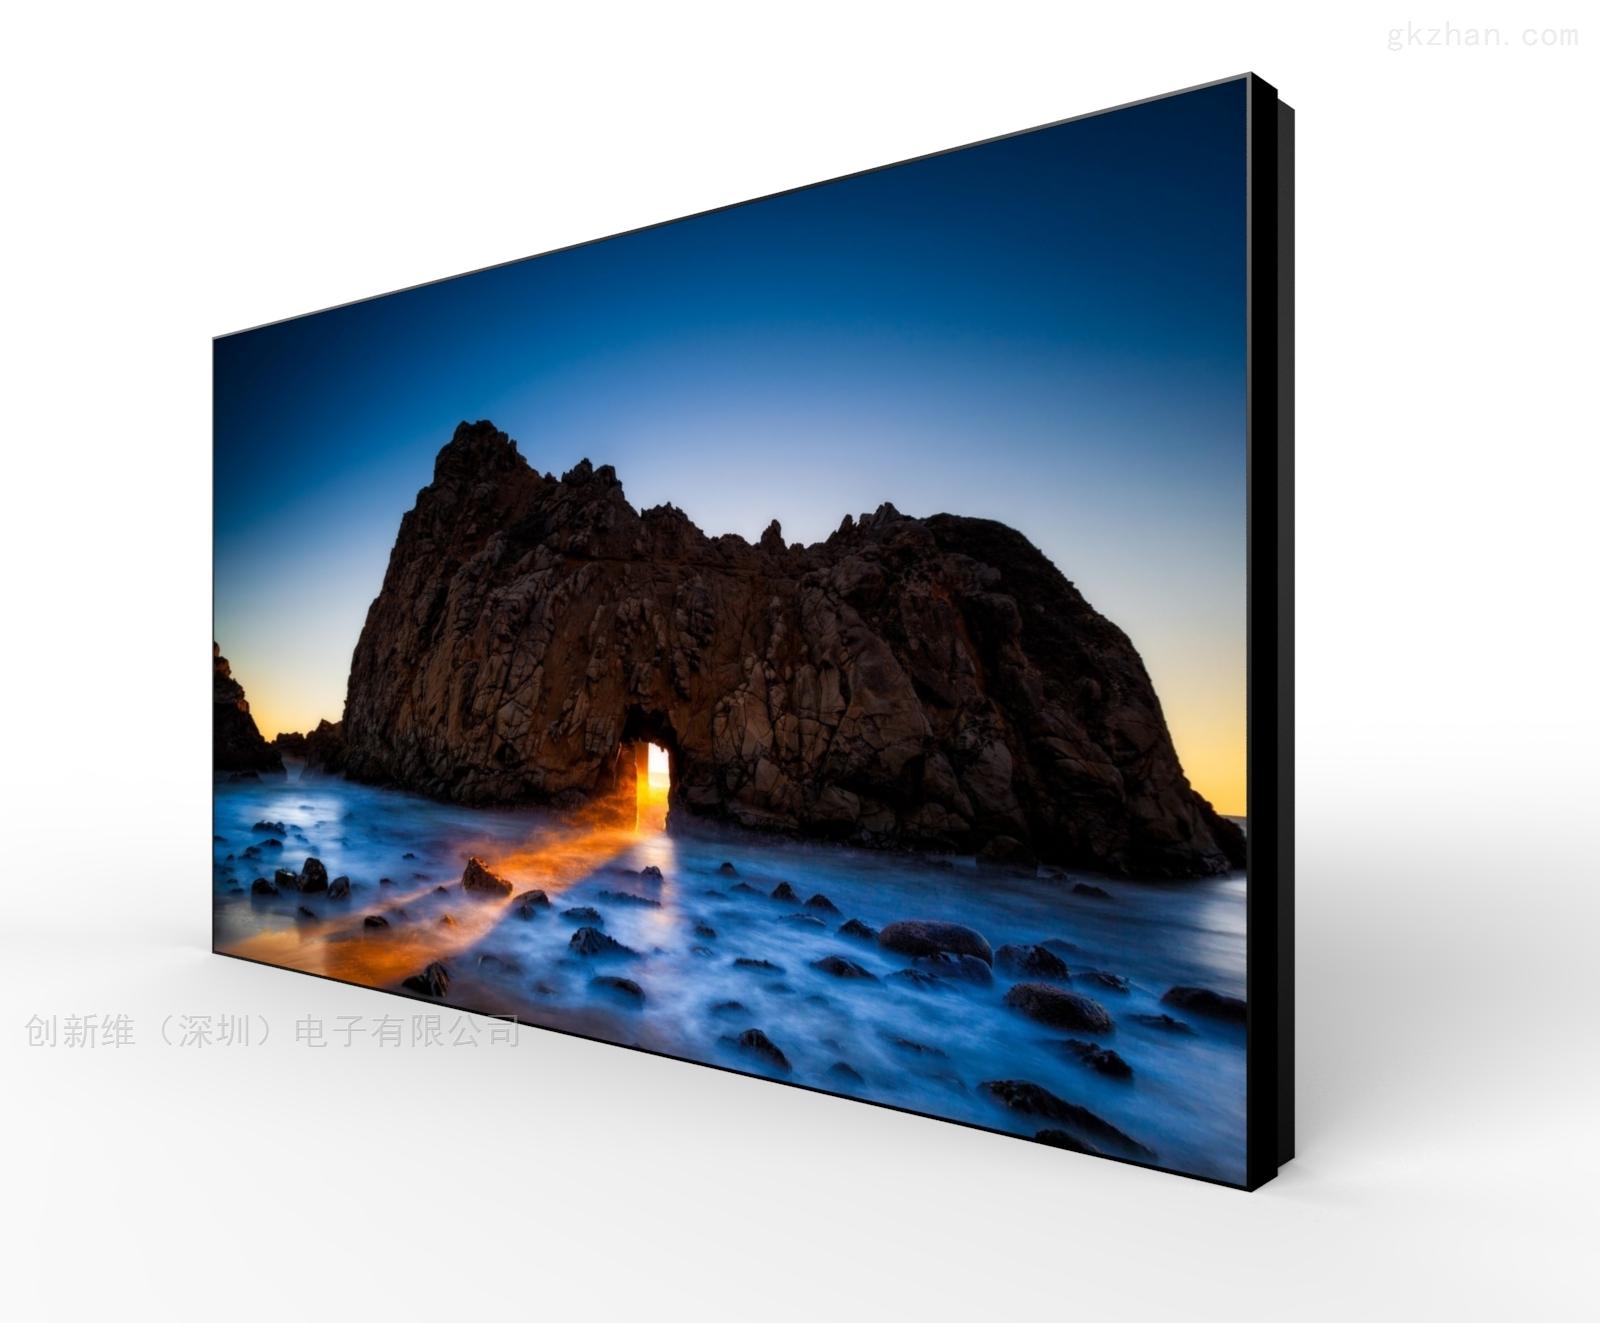 广西工业显示设备,钦北55寸液晶监视器品牌